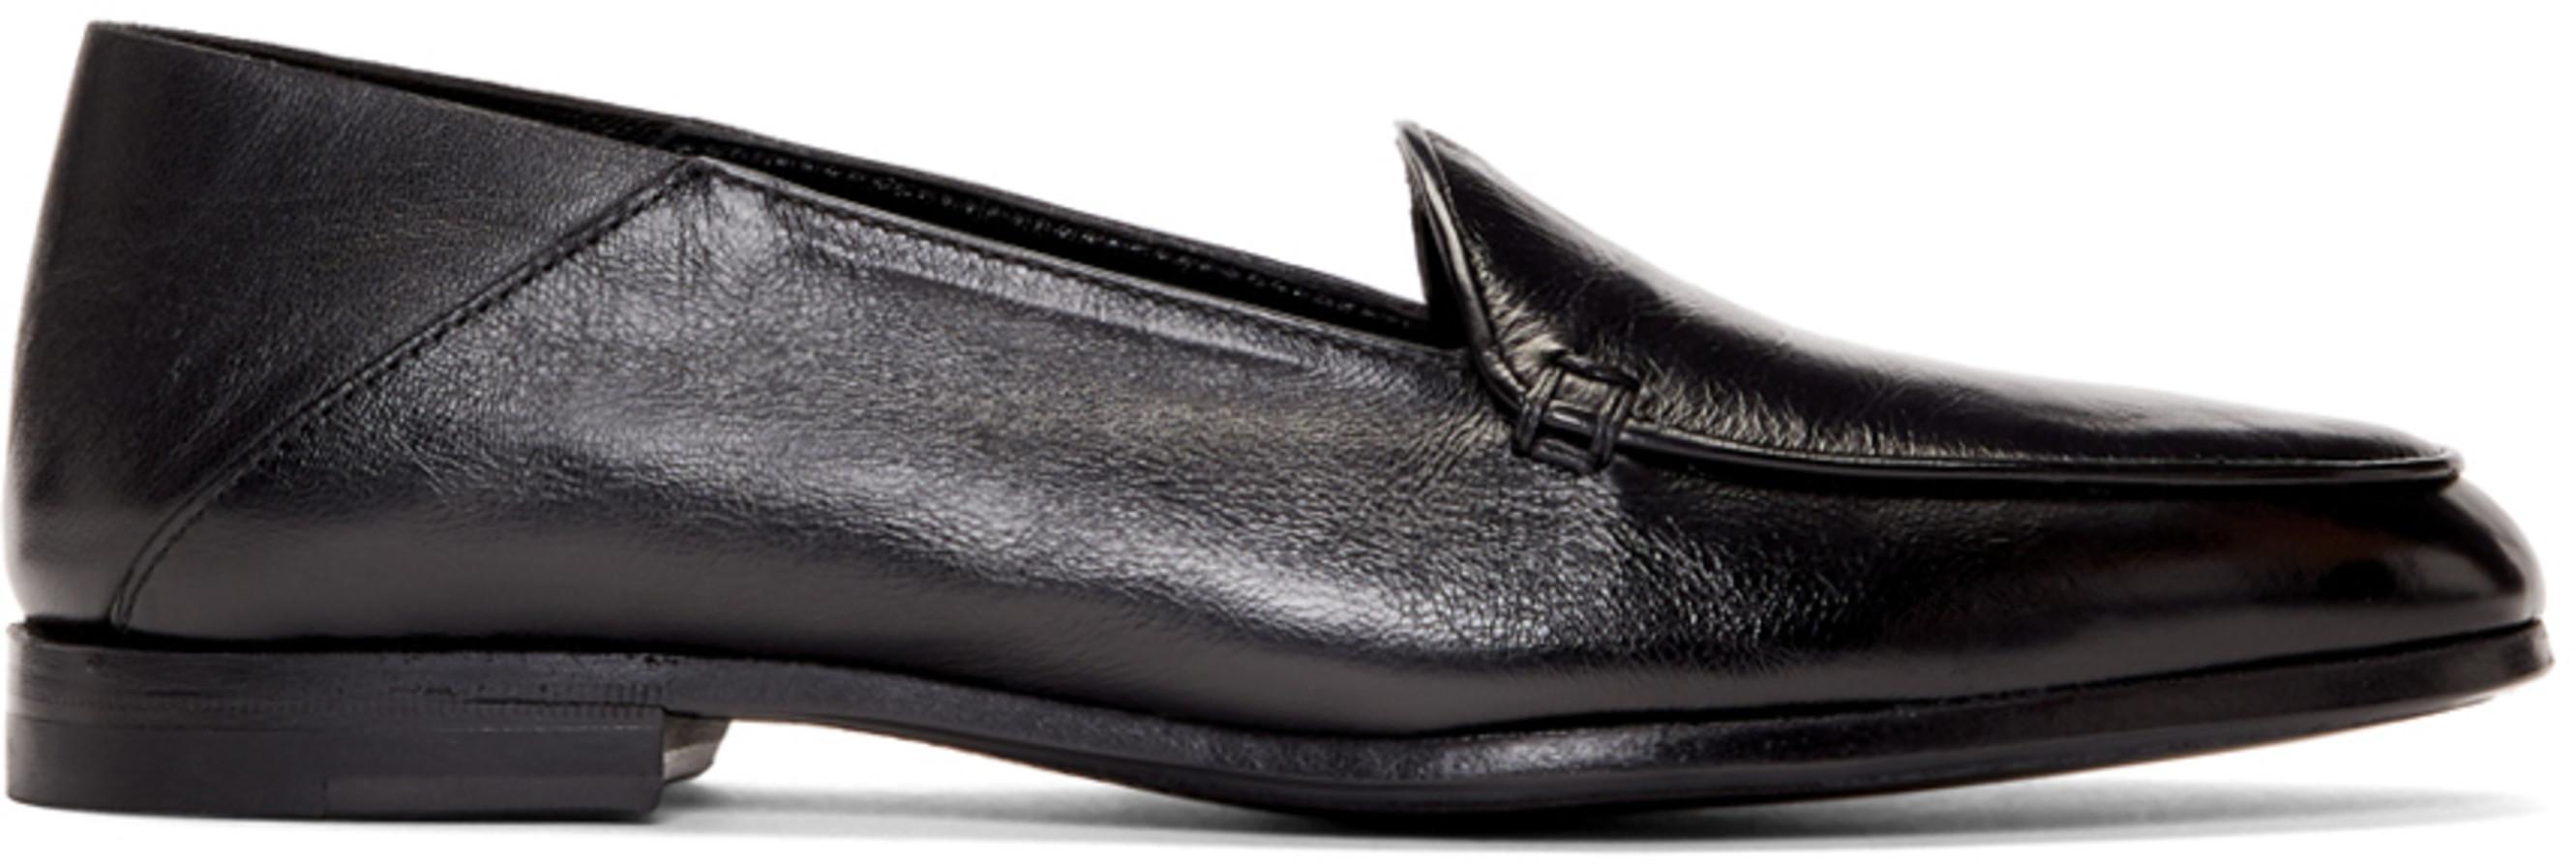 d9d61779e6f Designer slippers   loafers for Women